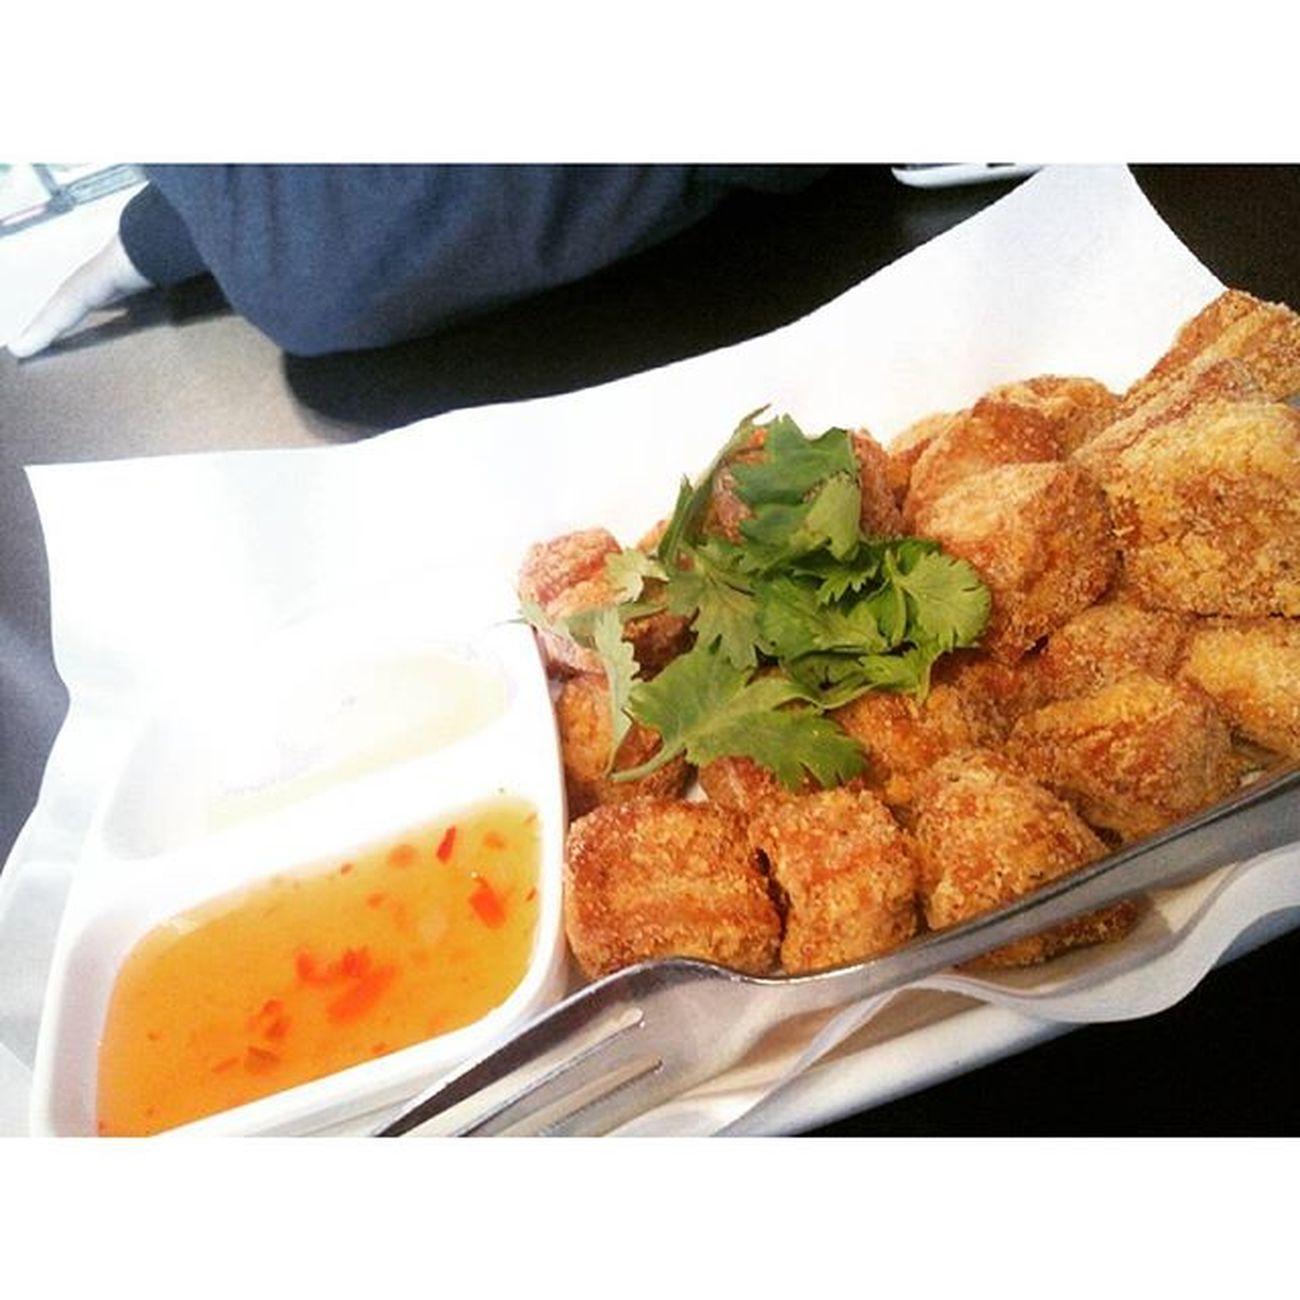 ลองท้อง ~~~ หมูป็อบบ รีวิวไทยเเลนด์ Food Reviewthailand Reviewkorat